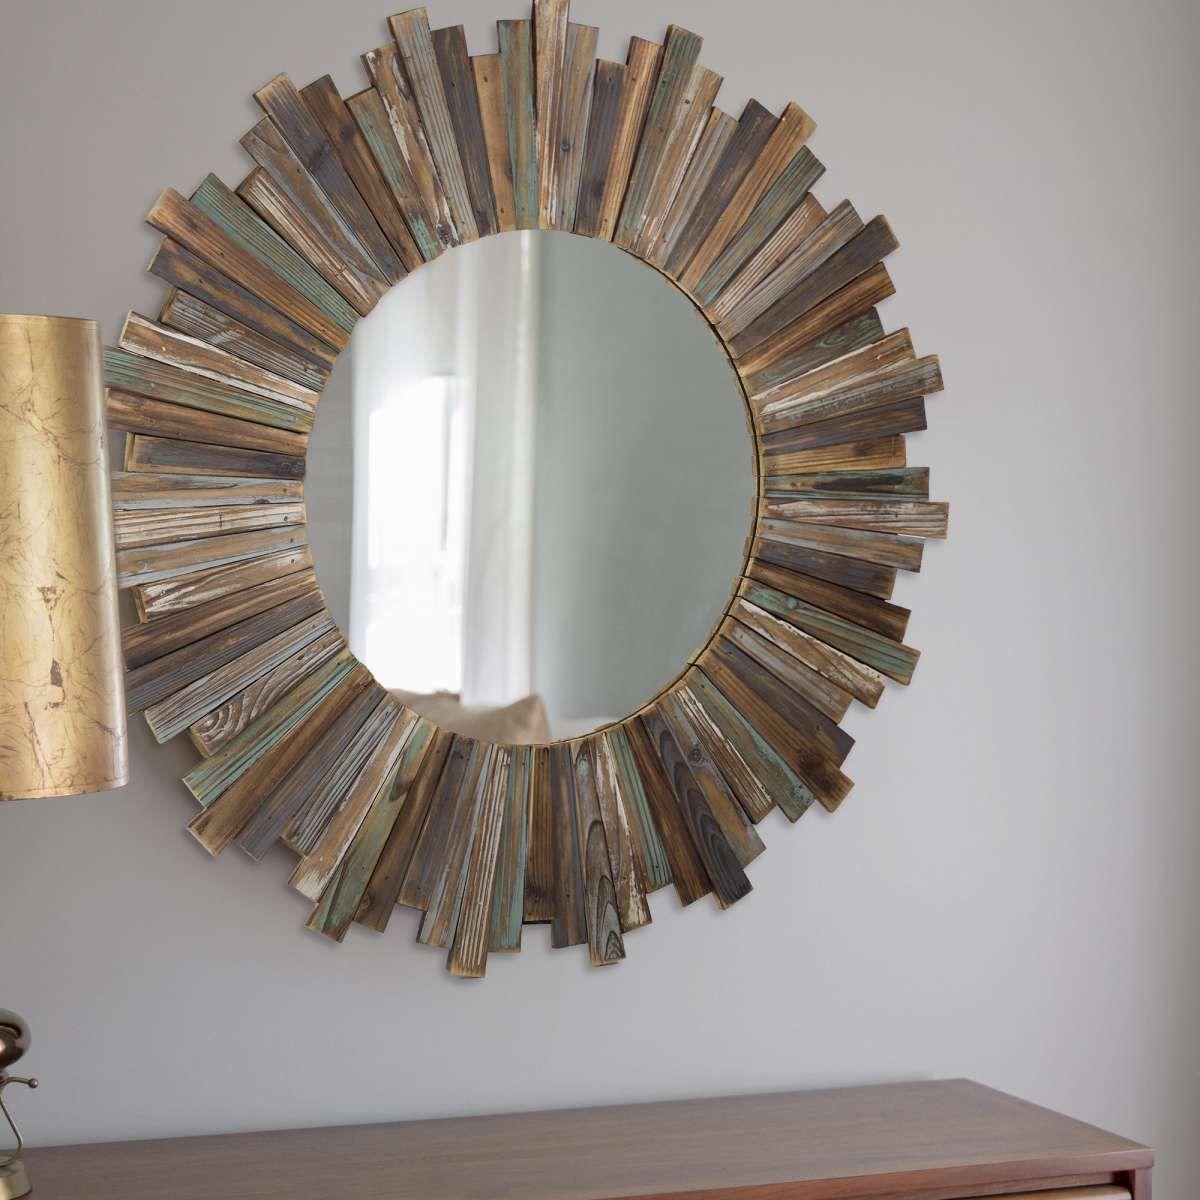 9 Beautiful Wood Sunburst Wall Mirror Collection Reclaimedwoodstarburstwallmirror Woodsunburstw Starburst Mirror Wall Sunburst Mirror Starburst Mirror